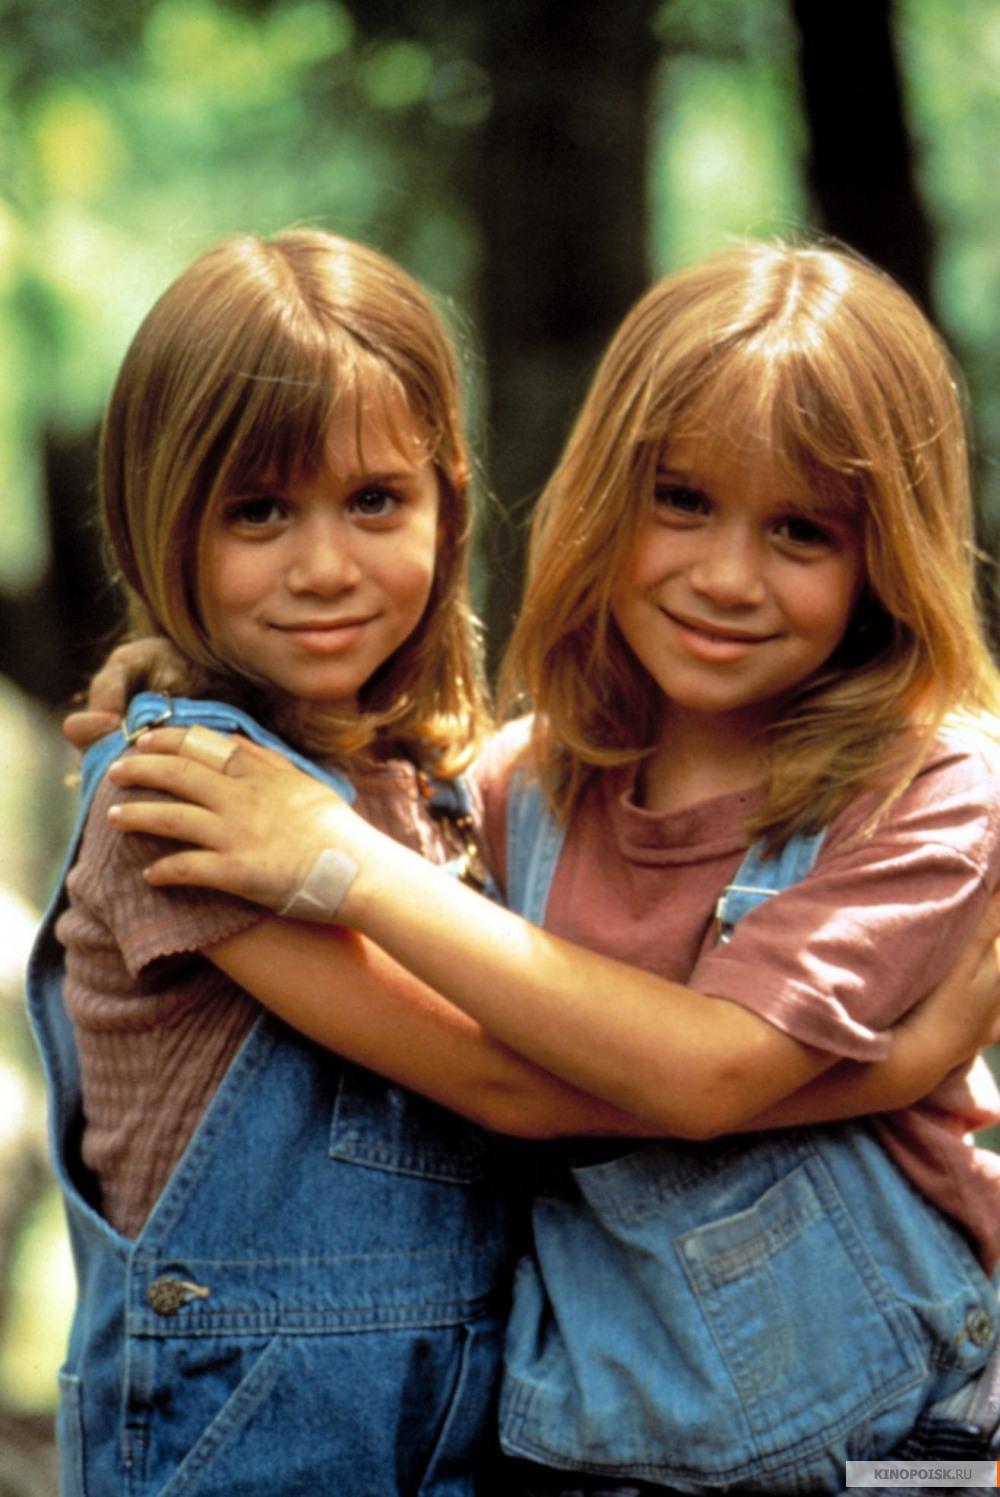 Я и моя маленькая сестричка 2 фотография